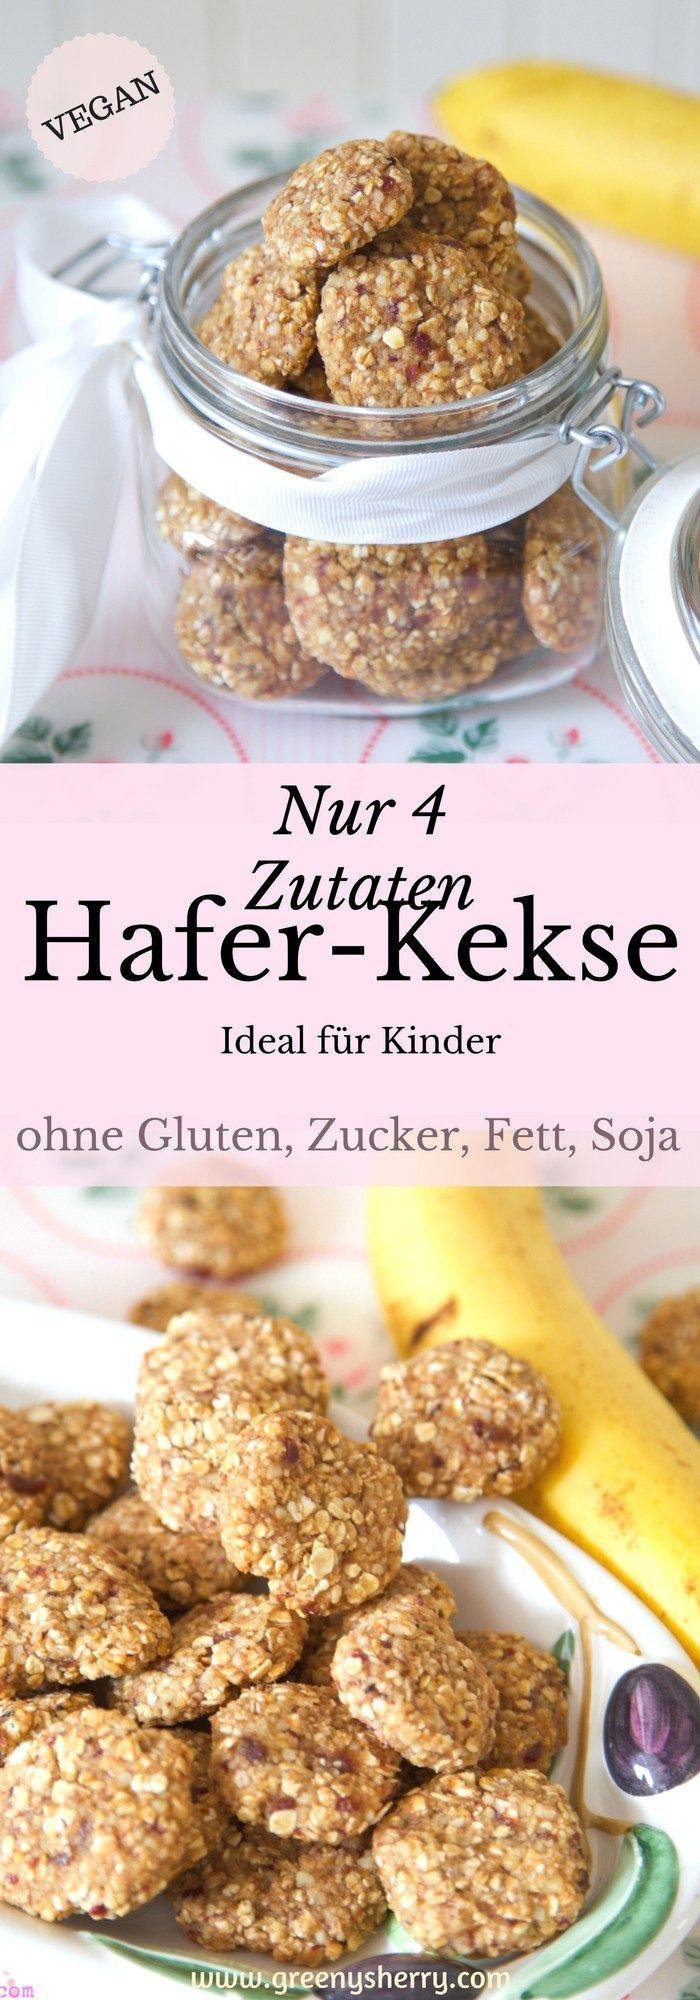 Gesunde Hafer-Kekse - Einfach, lecker und Ideal für Kinder (GF & vegan) - Greeny Sherry - Vegane Rezepte & grün(er)leben | vegan food & life